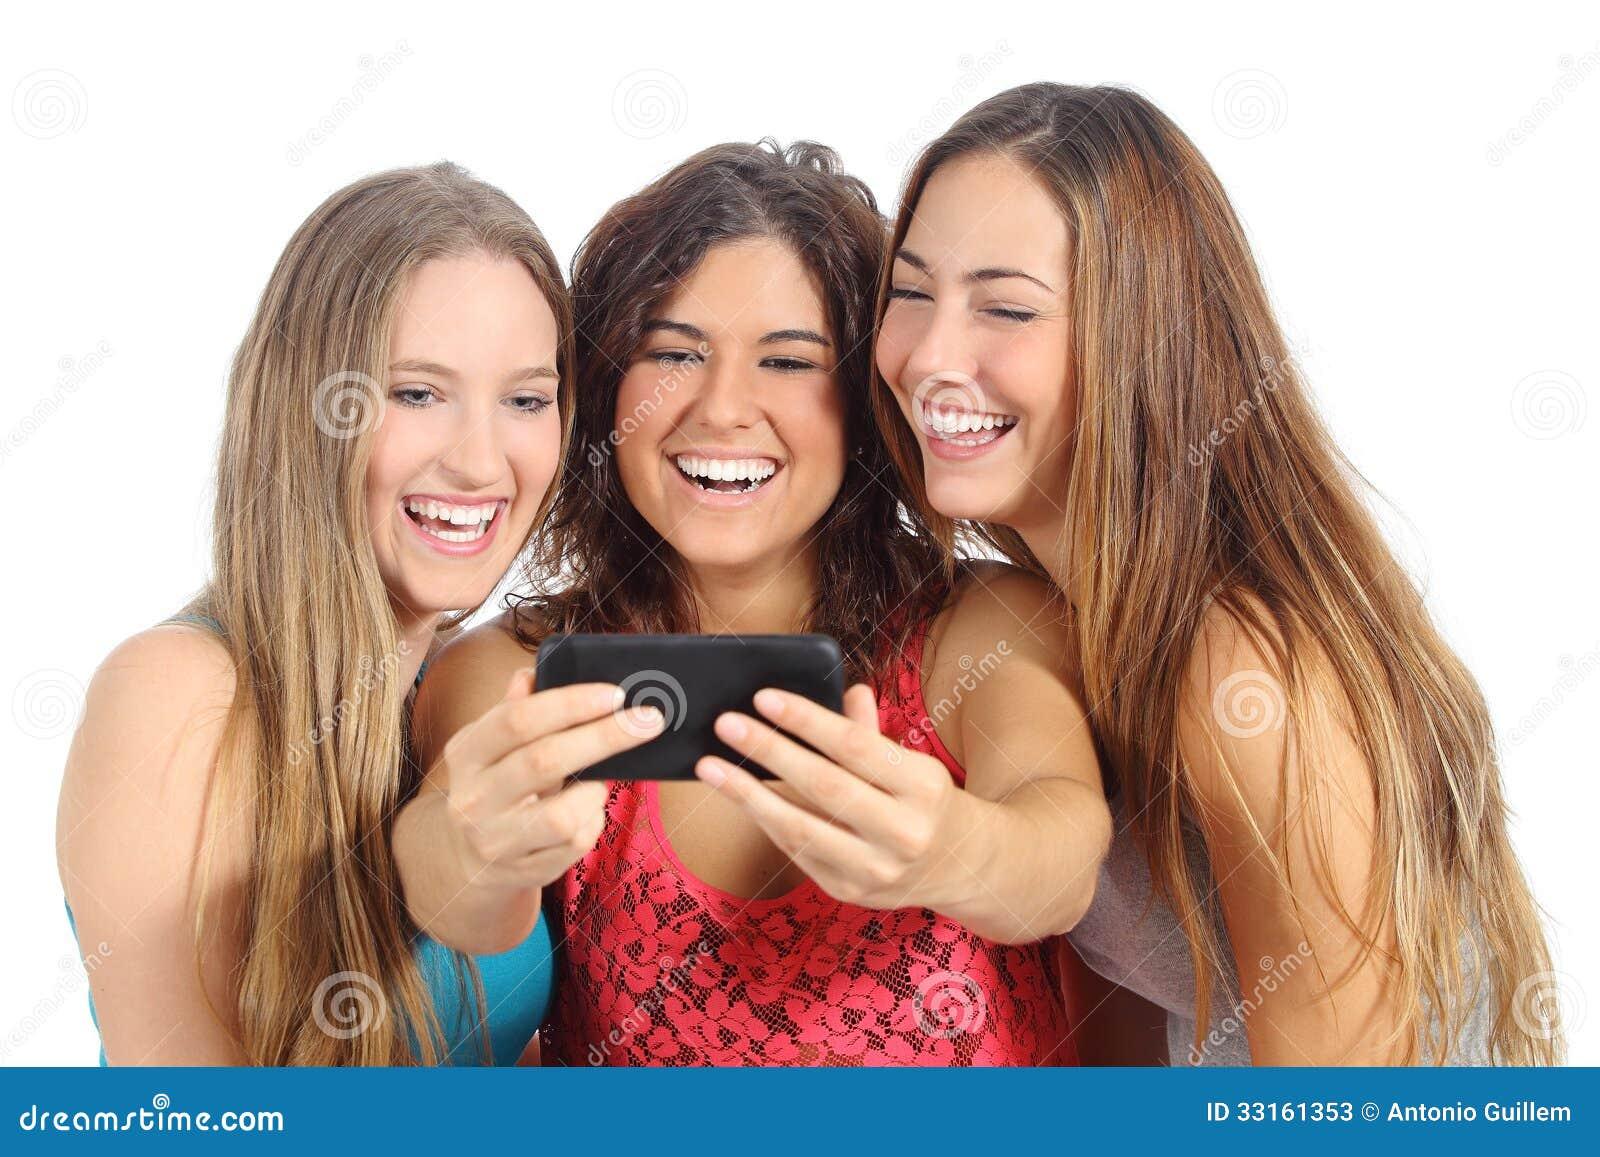 Смотреть 3 девушки для парня 5 фотография